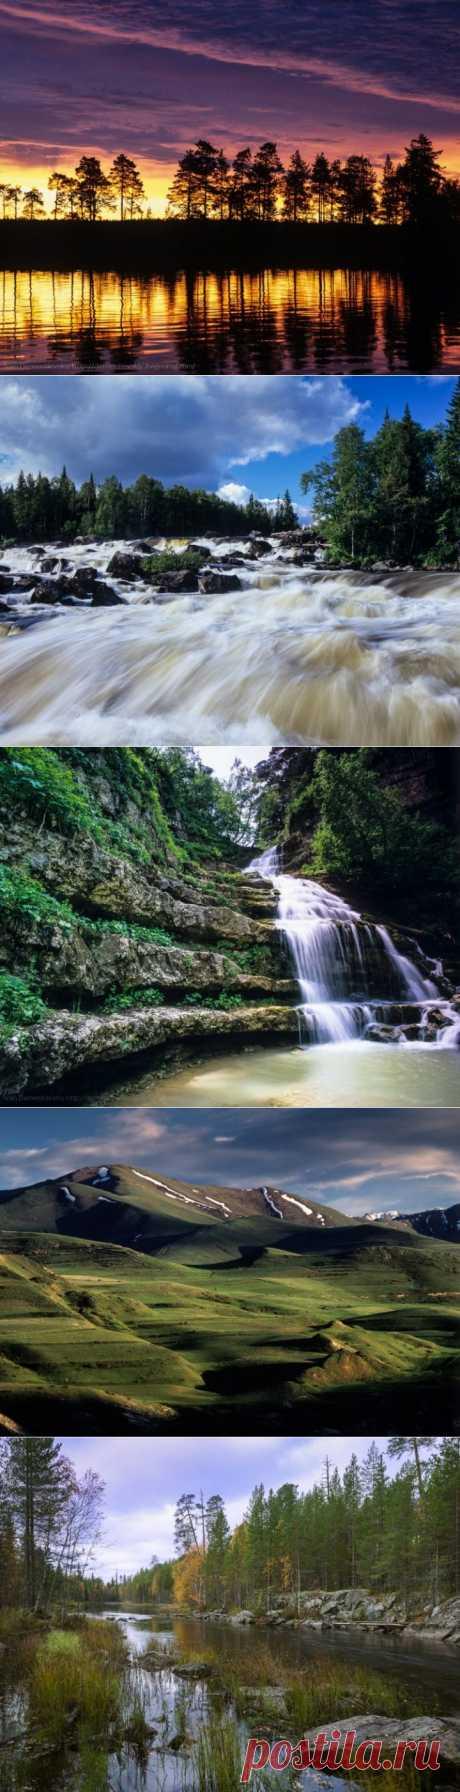 (+1) тема - Завораживающие фотографии природы от Ивана Дементиевского | Улетные картинки